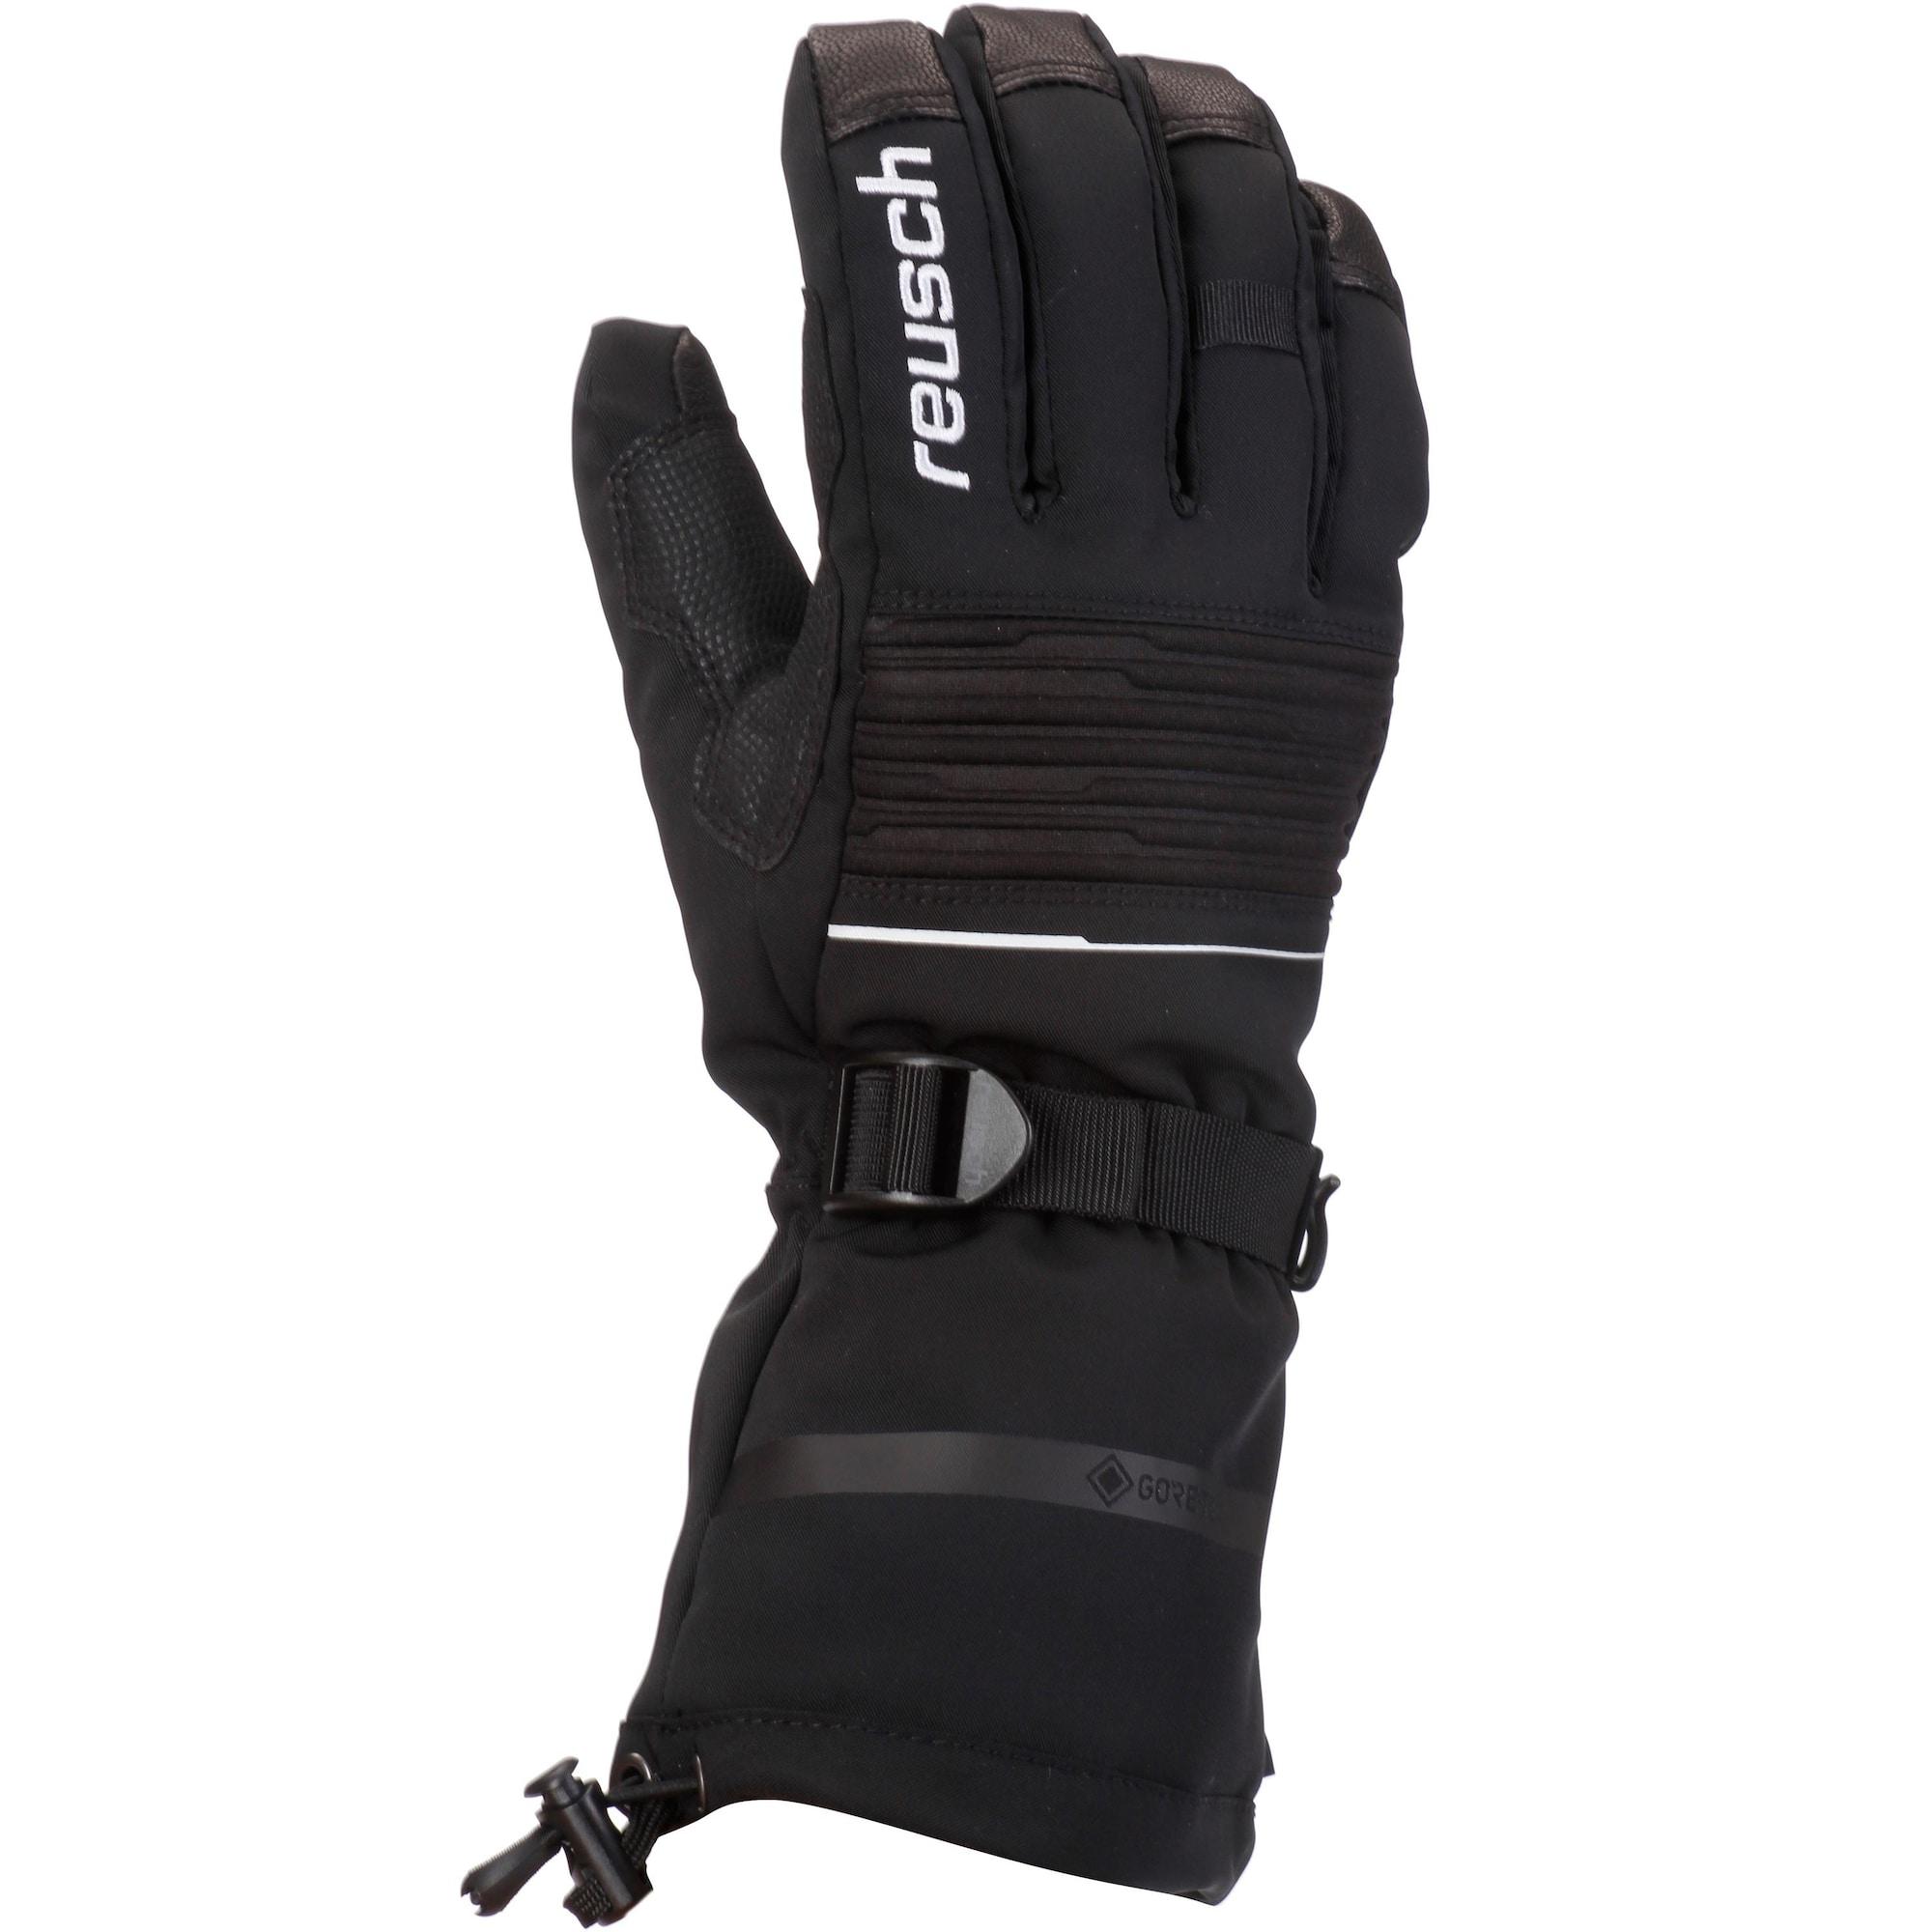 Handschuhe 'Reusch Isidro GTX' | Accessoires > Handschuhe | Schwarz | REUSCH